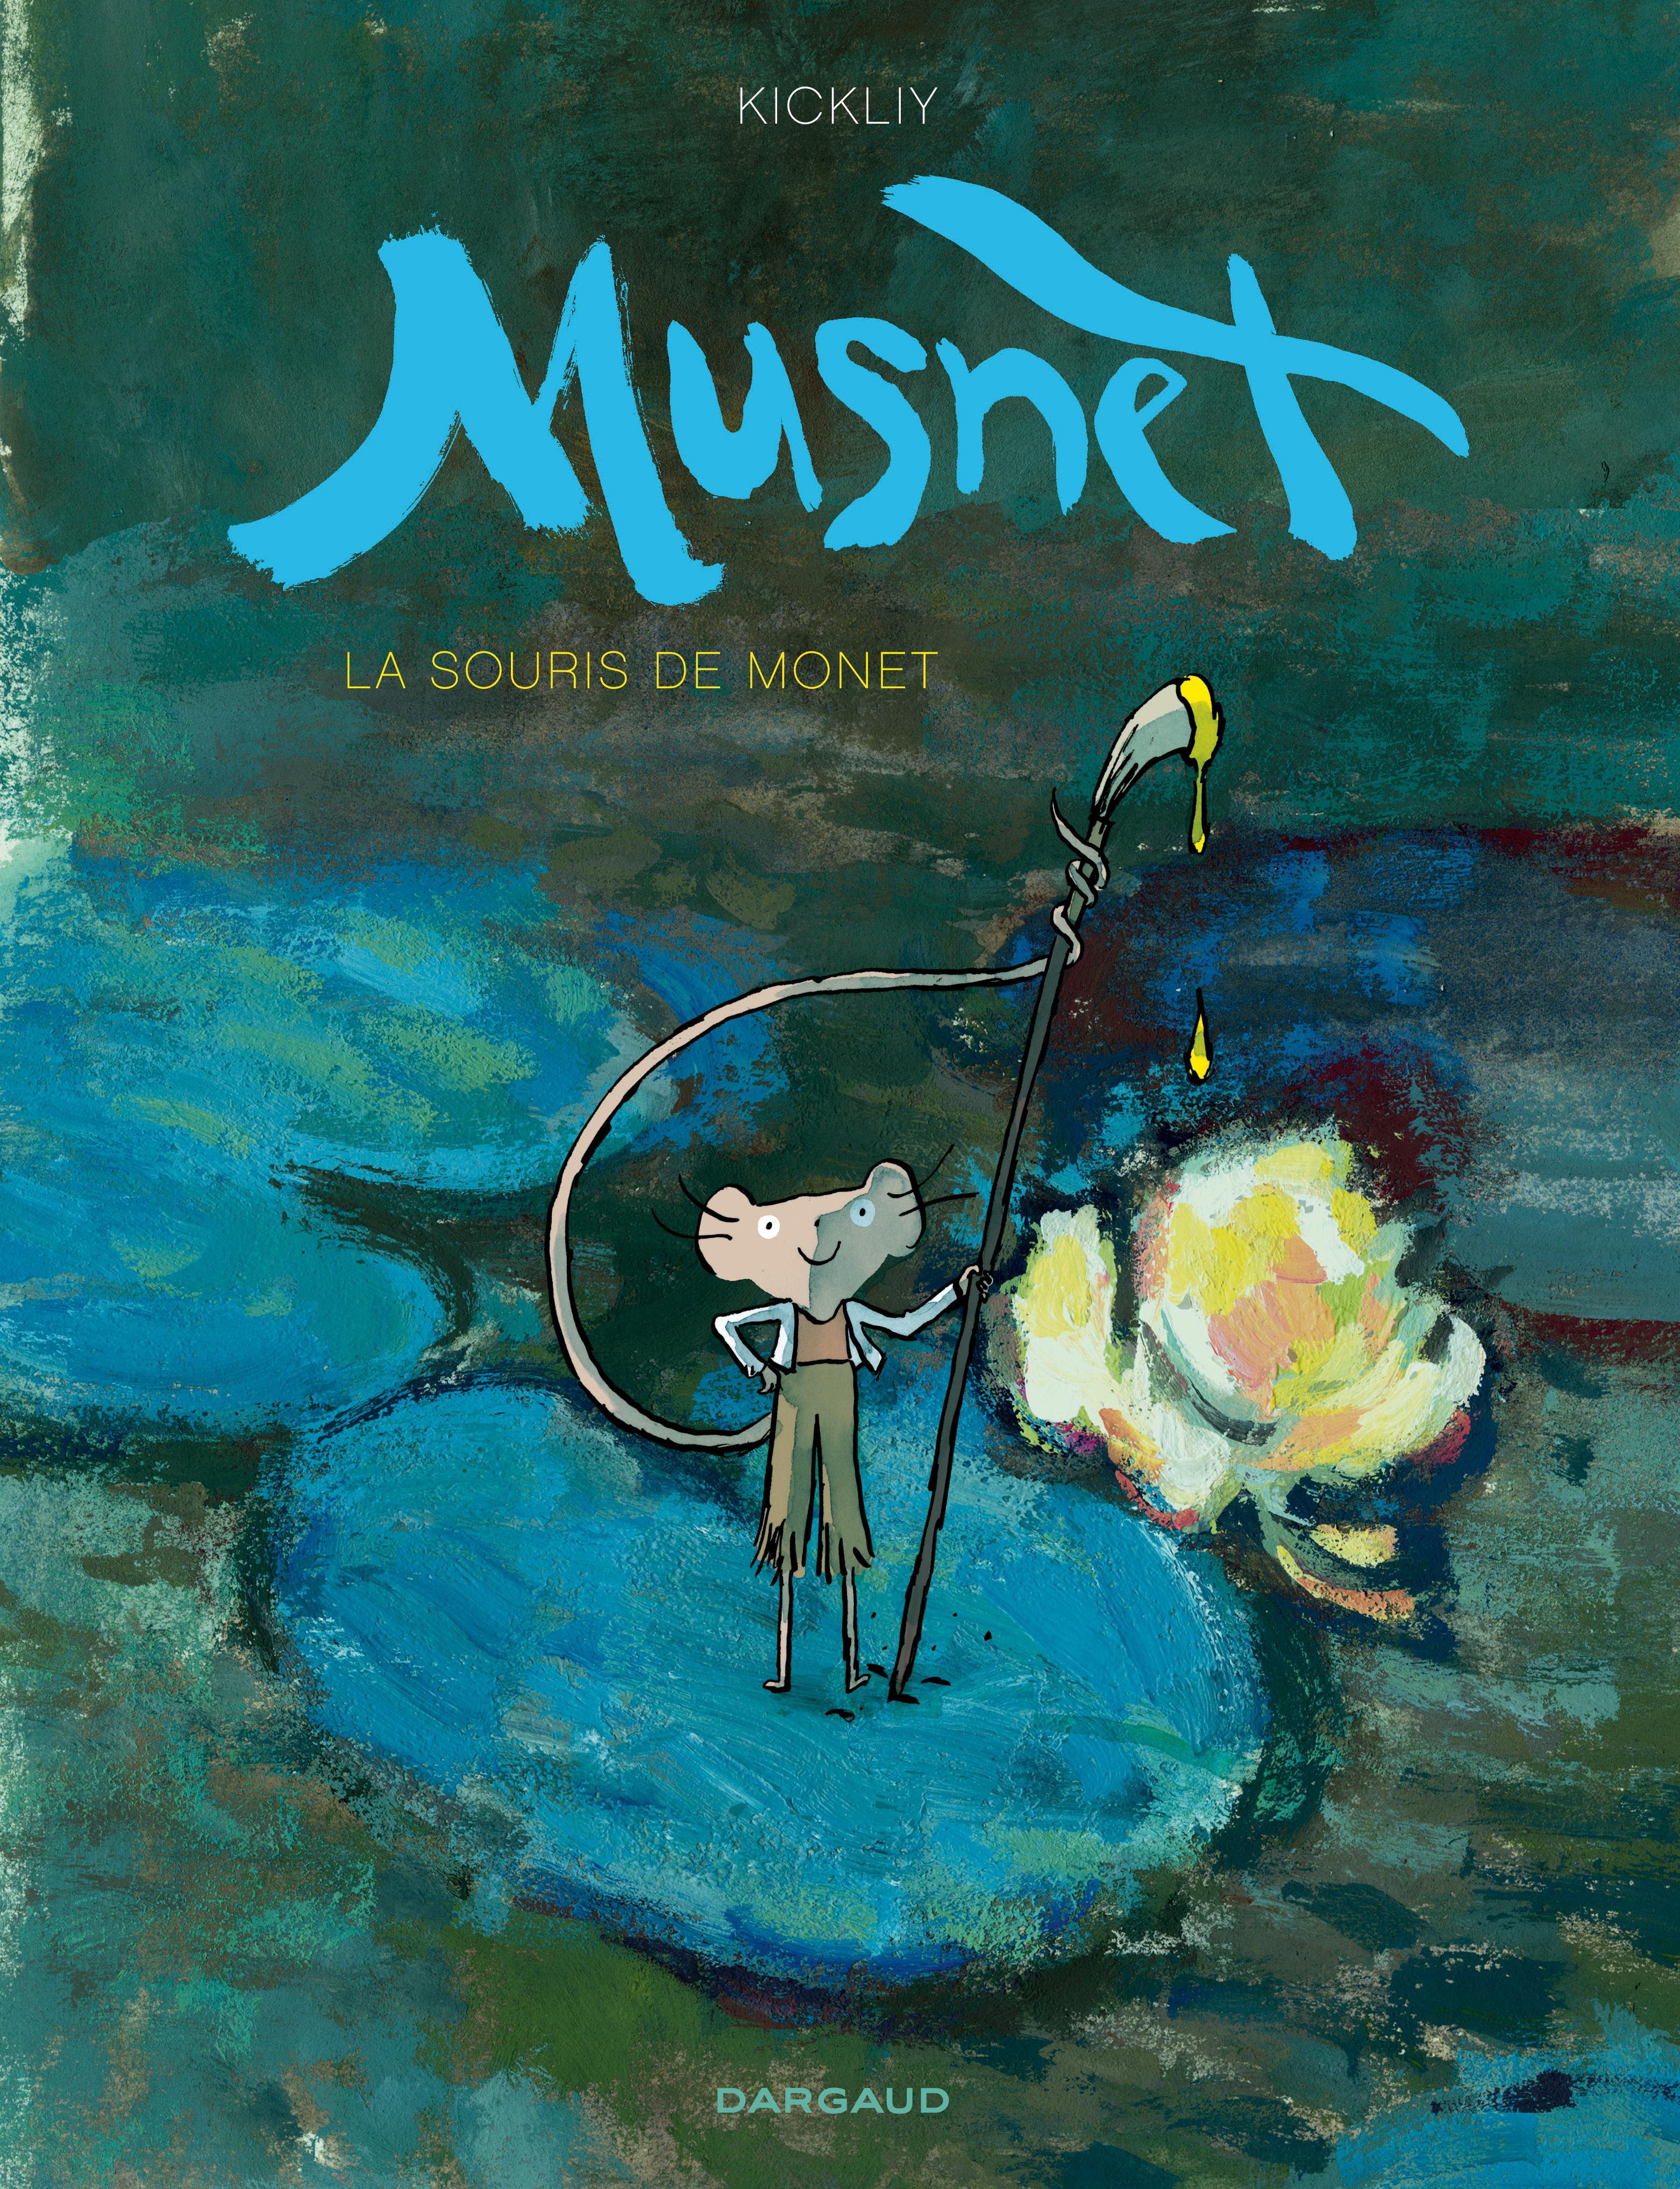 MUSNET-LA SOURIS DE MONET T1 MUSNET-LA SOURIS DE MONET